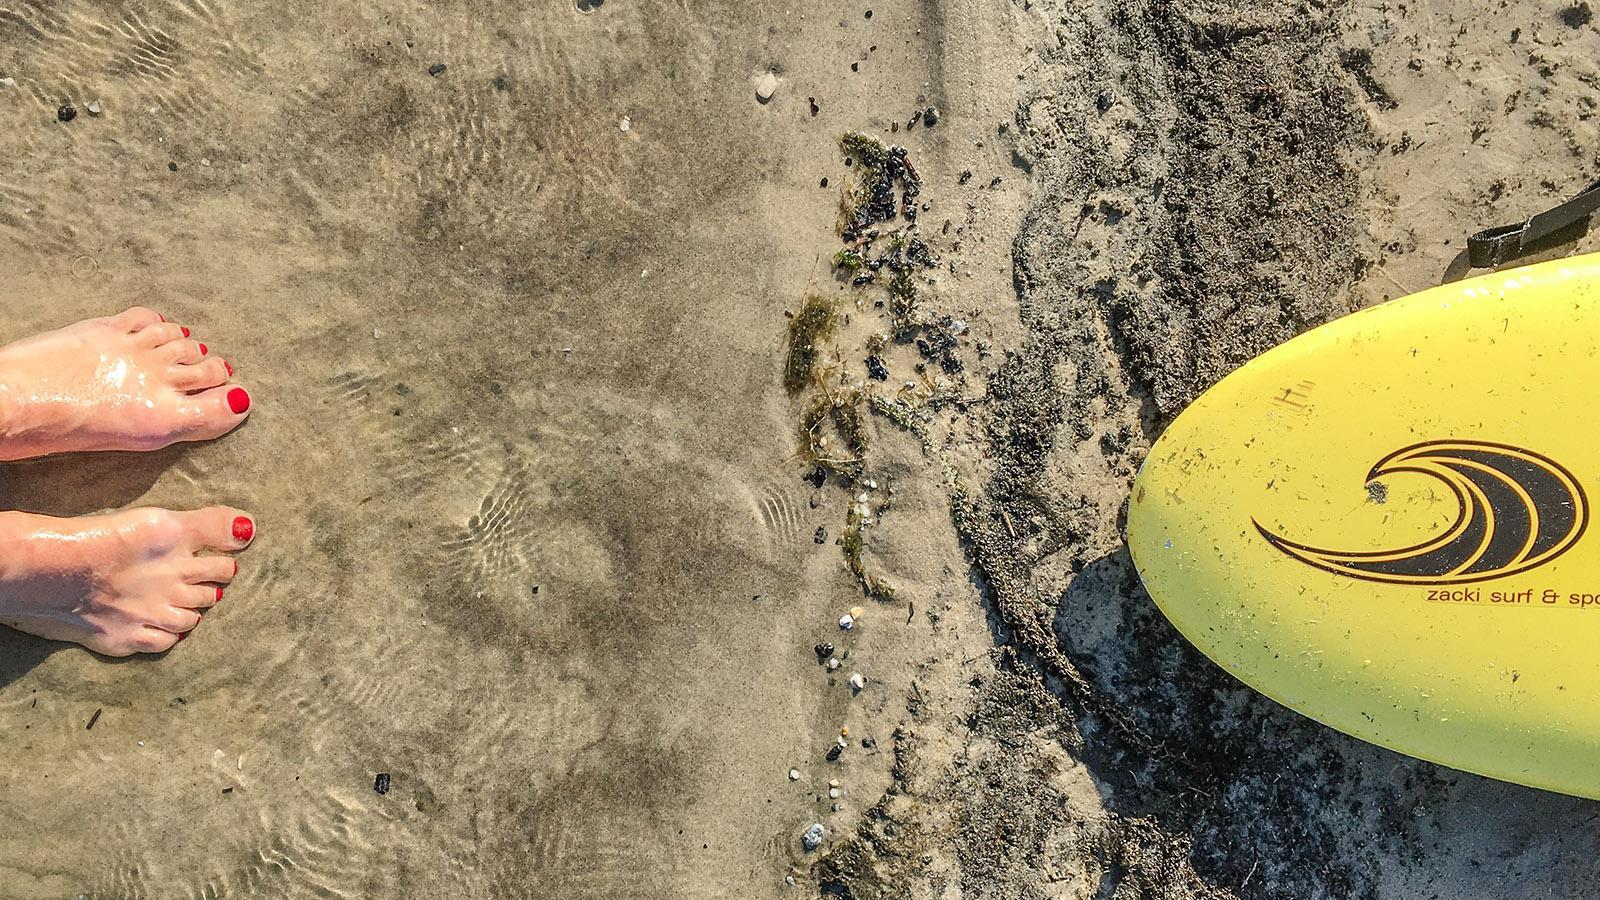 Carcans-Plage: Mal Neues wagen - warum nicht? Bei meinen ersten Surfversuchen gab's reichlich Badespaß! Foto: Hilke Maunder